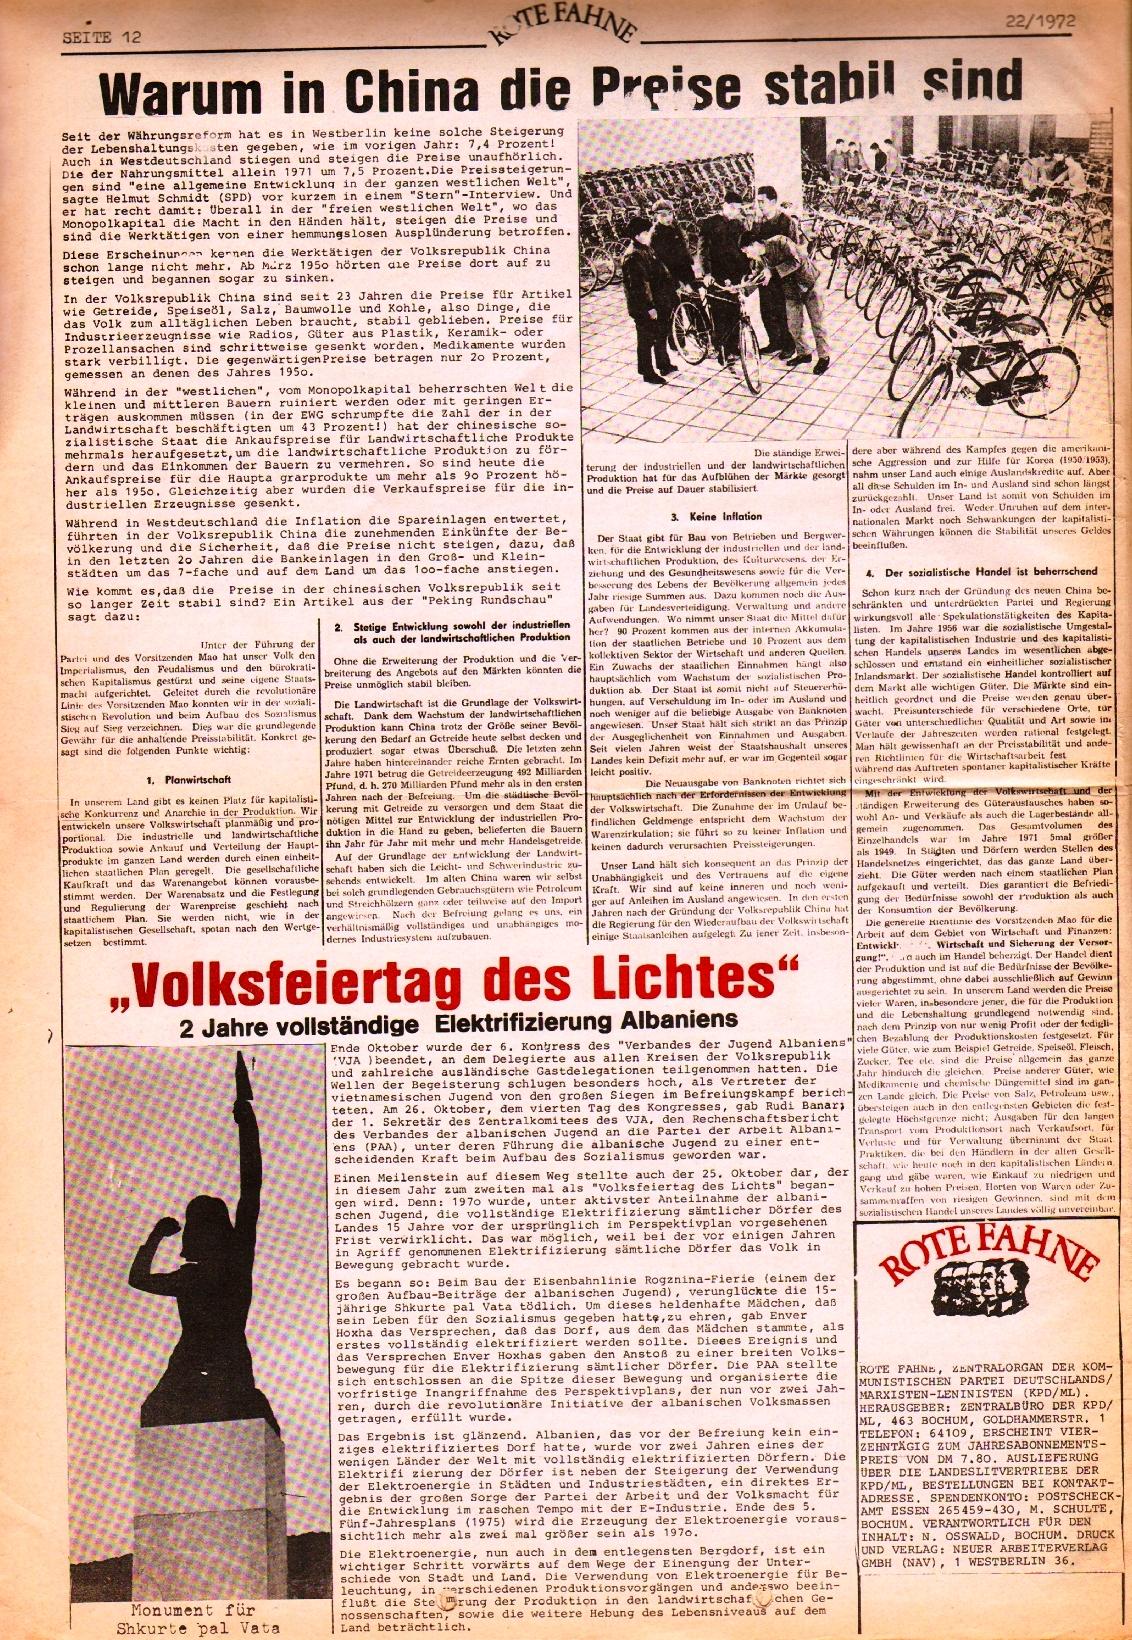 Rote Fahne, 3. Jg., 1.12.1972, Nr. 22, Seite 12